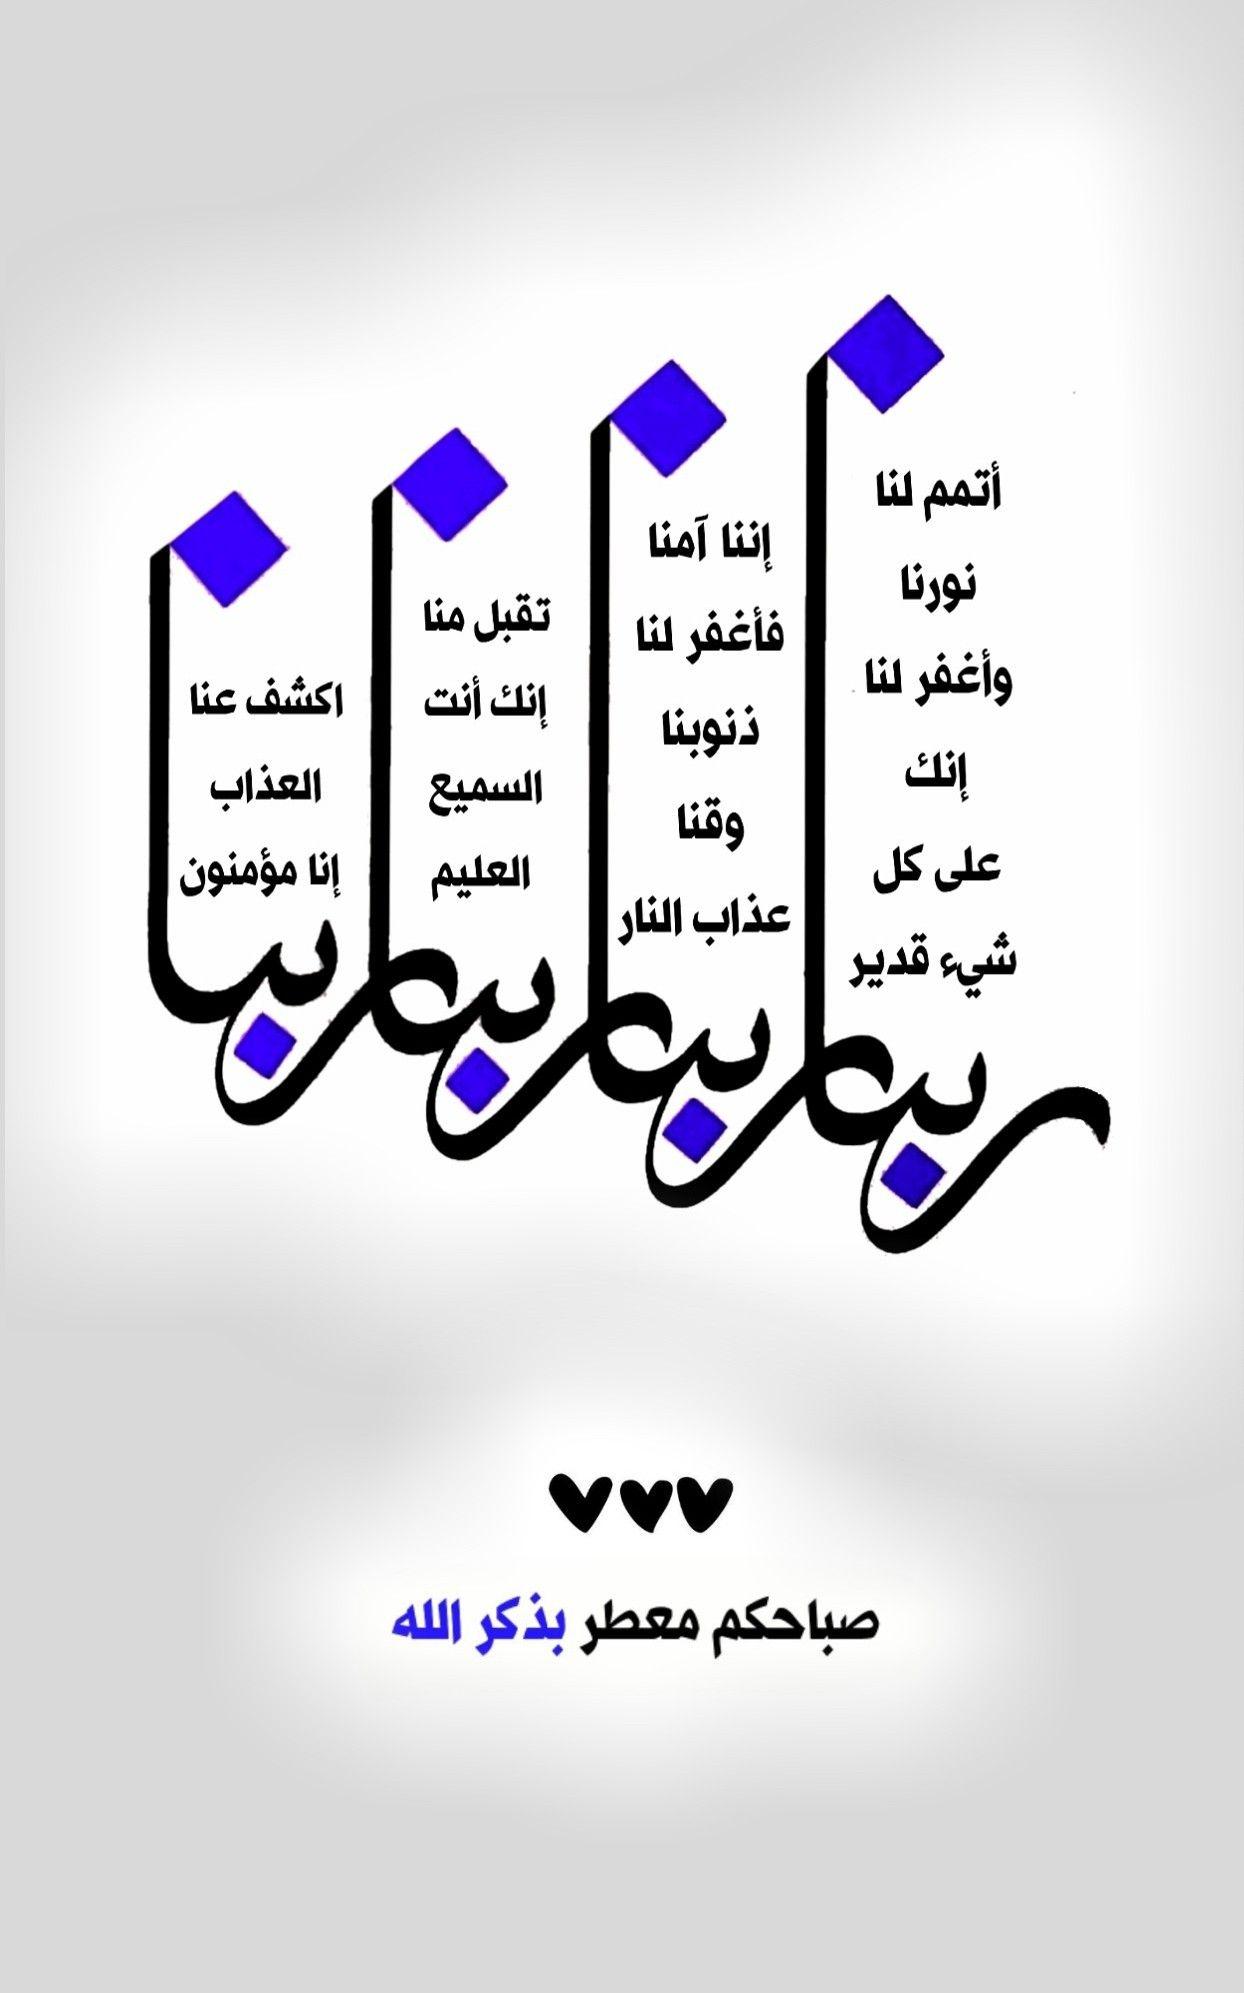 ربنا أتمم لنا نورنا وأغفر لنا إنك على كل شيء قدير ربنا إننا آمنا فأغفر لنا ذنوبنا وقنا عذاب النار ربنا تق Good Morning Messages Quran Quotes Photo Quotes